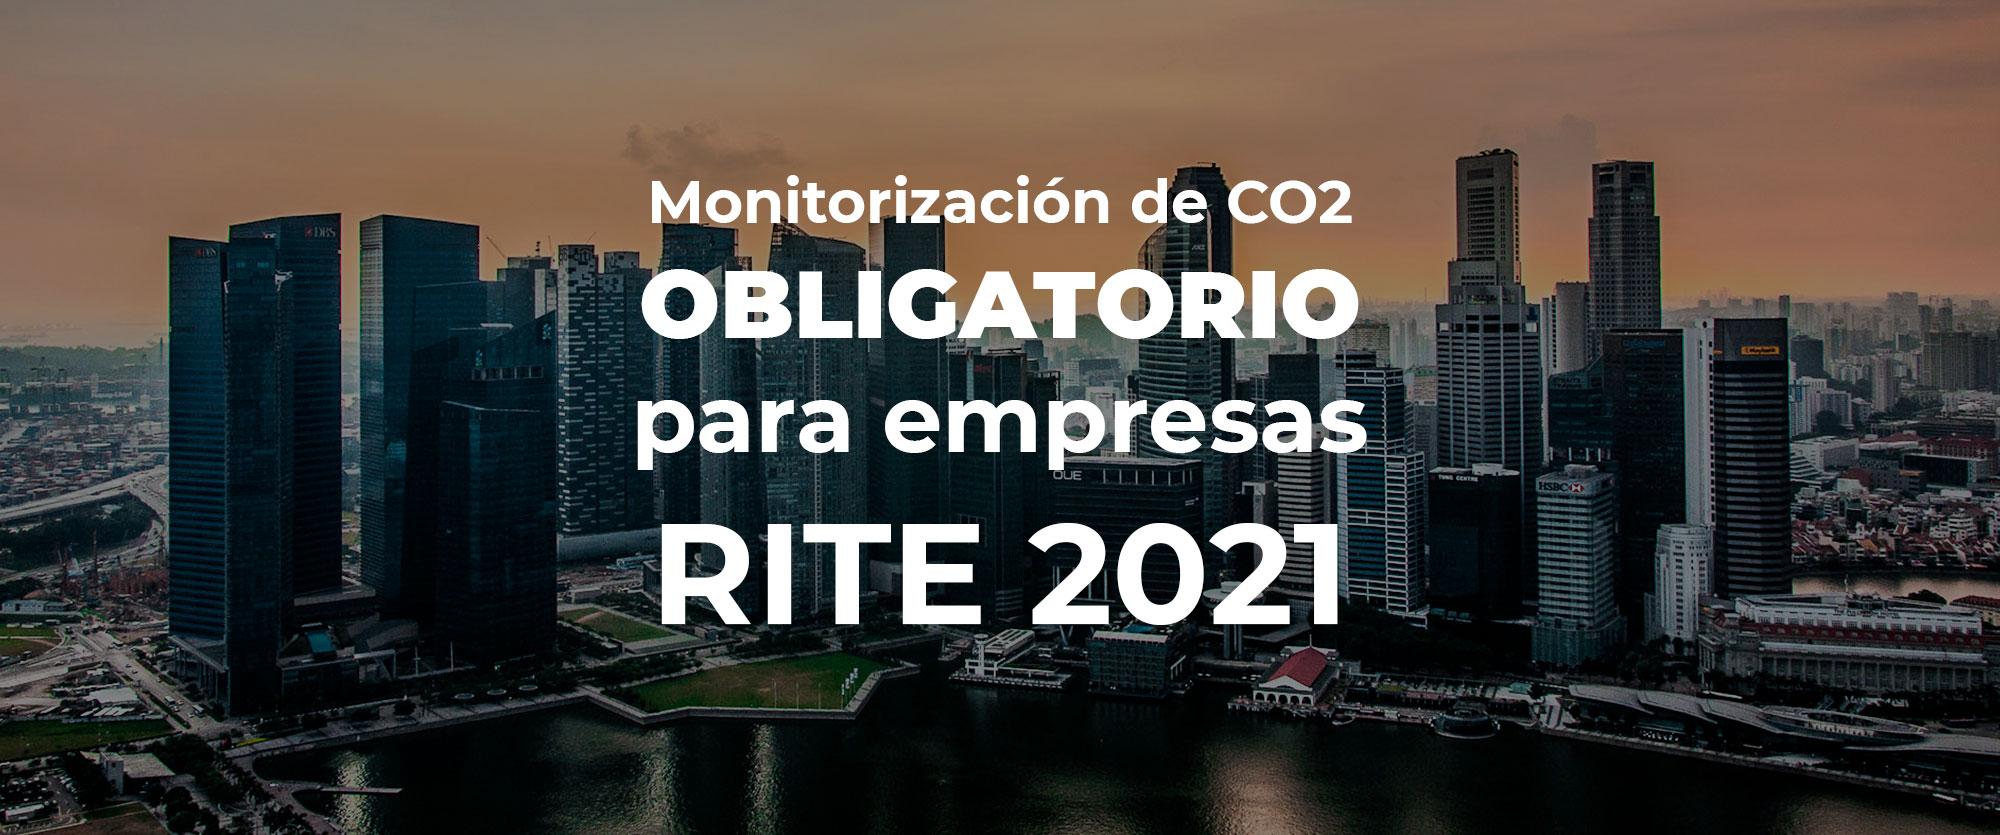 Monitorización de CO2 🚦 OBLIGATORIO para empresas 🗄 RITE 2021